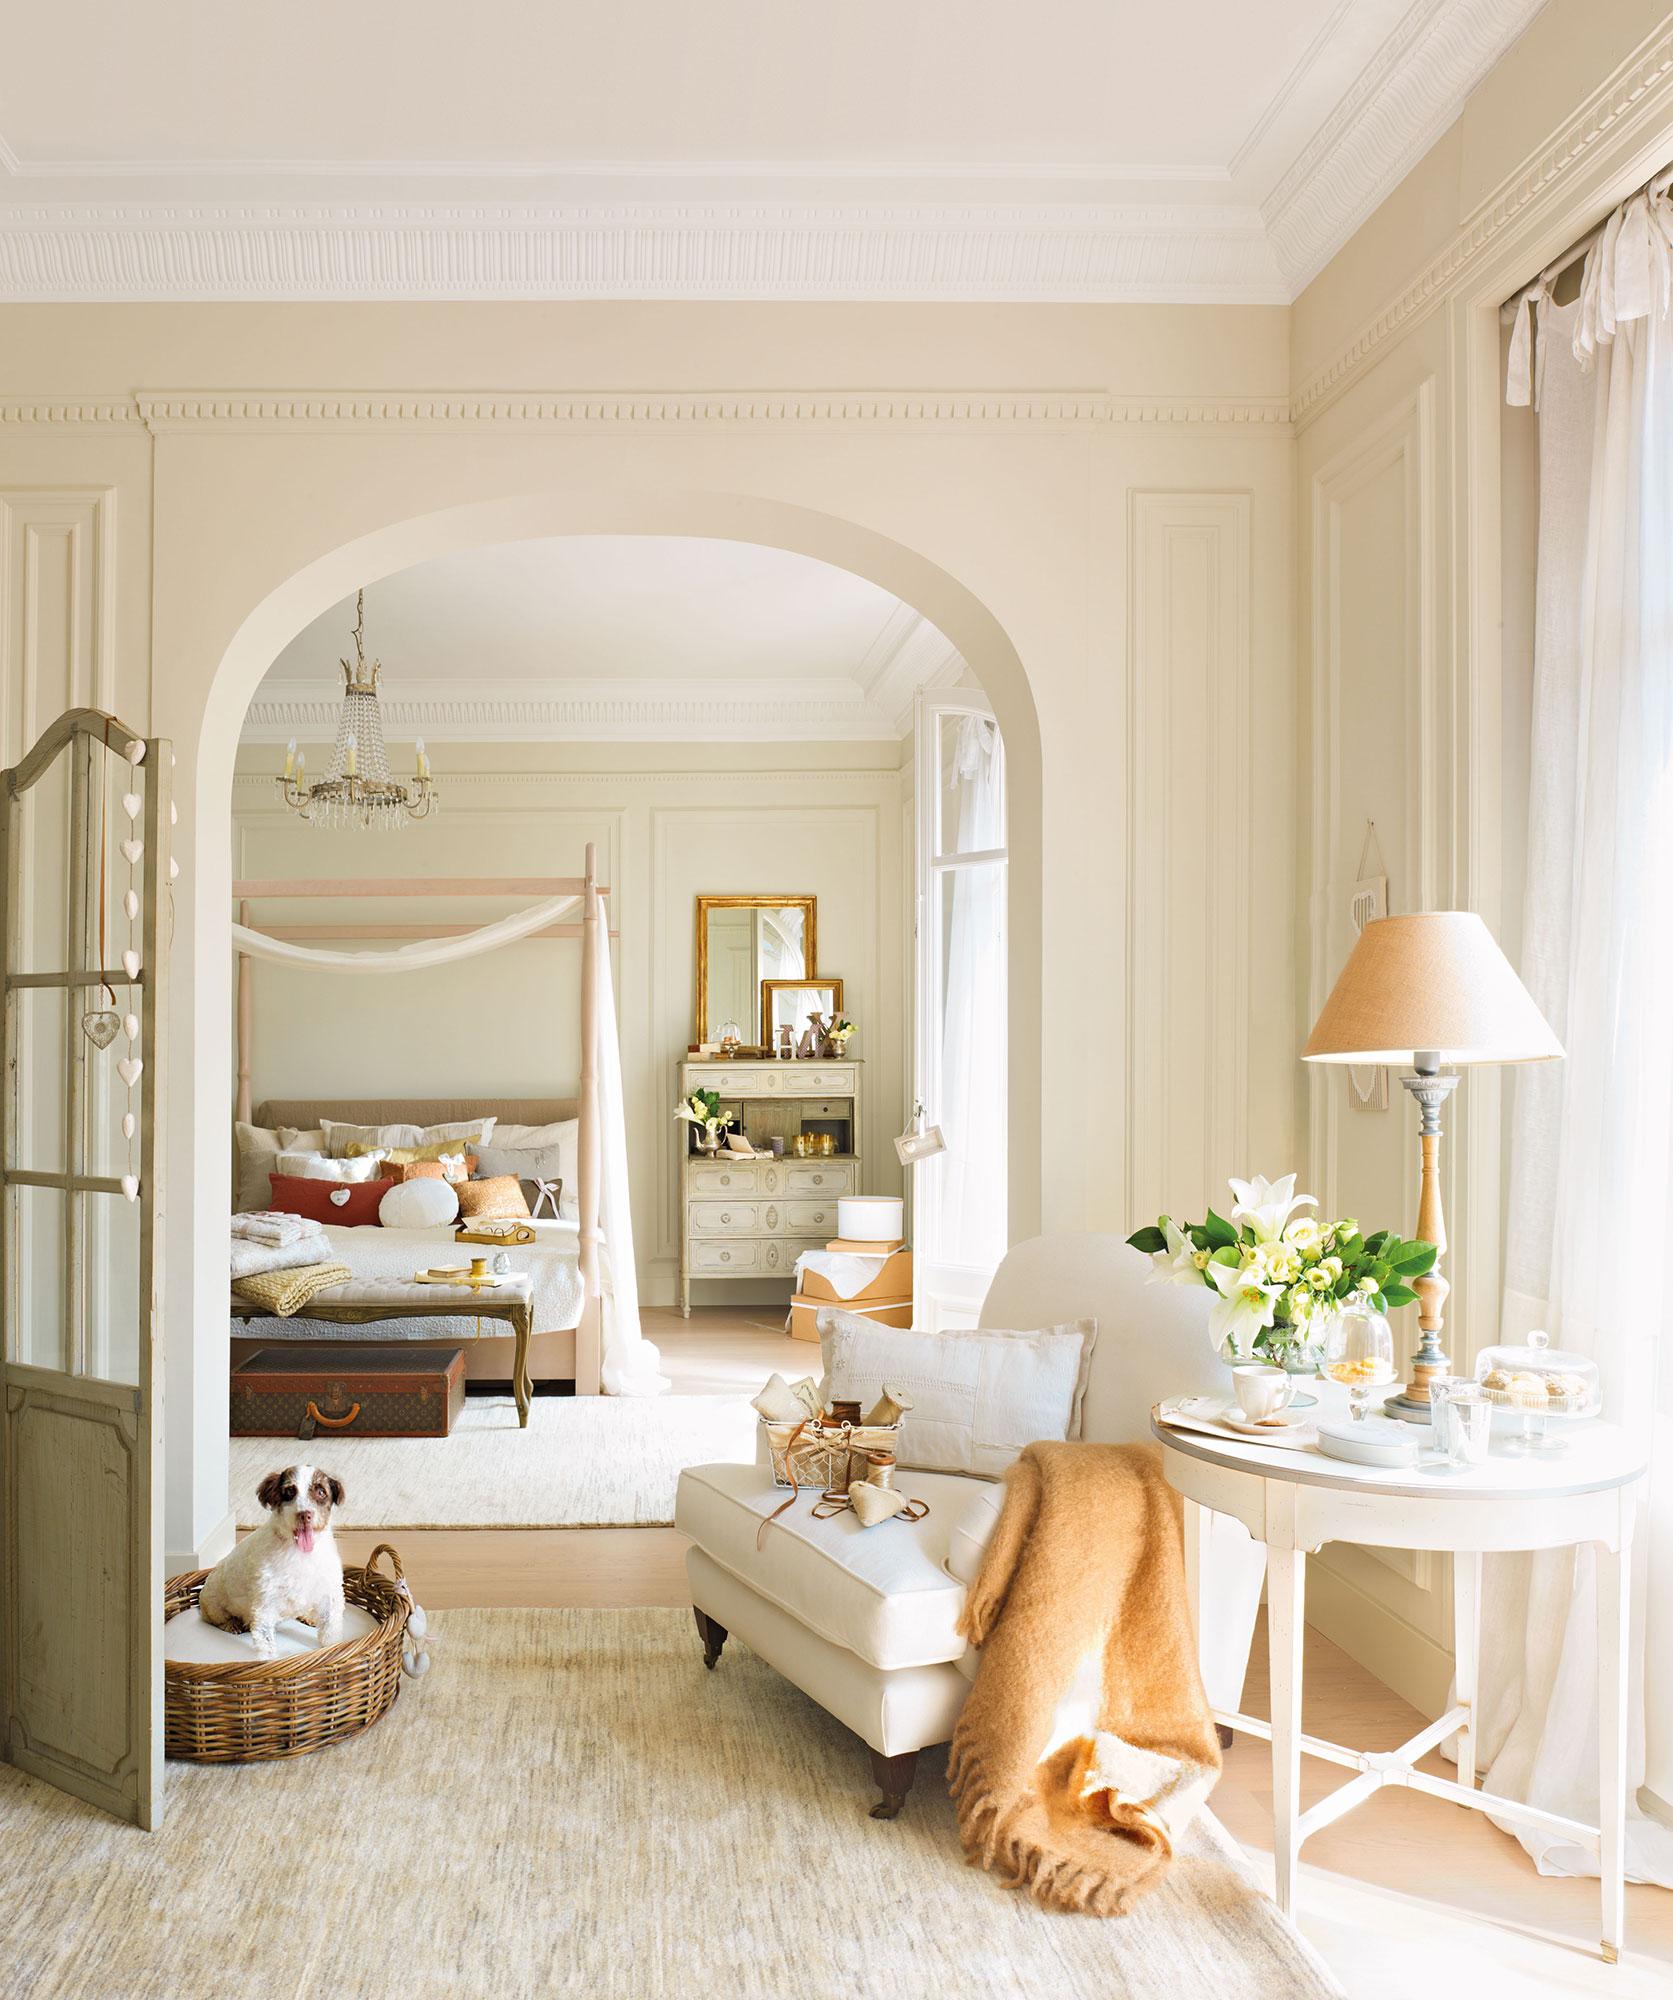 Los mejores dormitorios rom nticos - Los mejores dormitorios ...